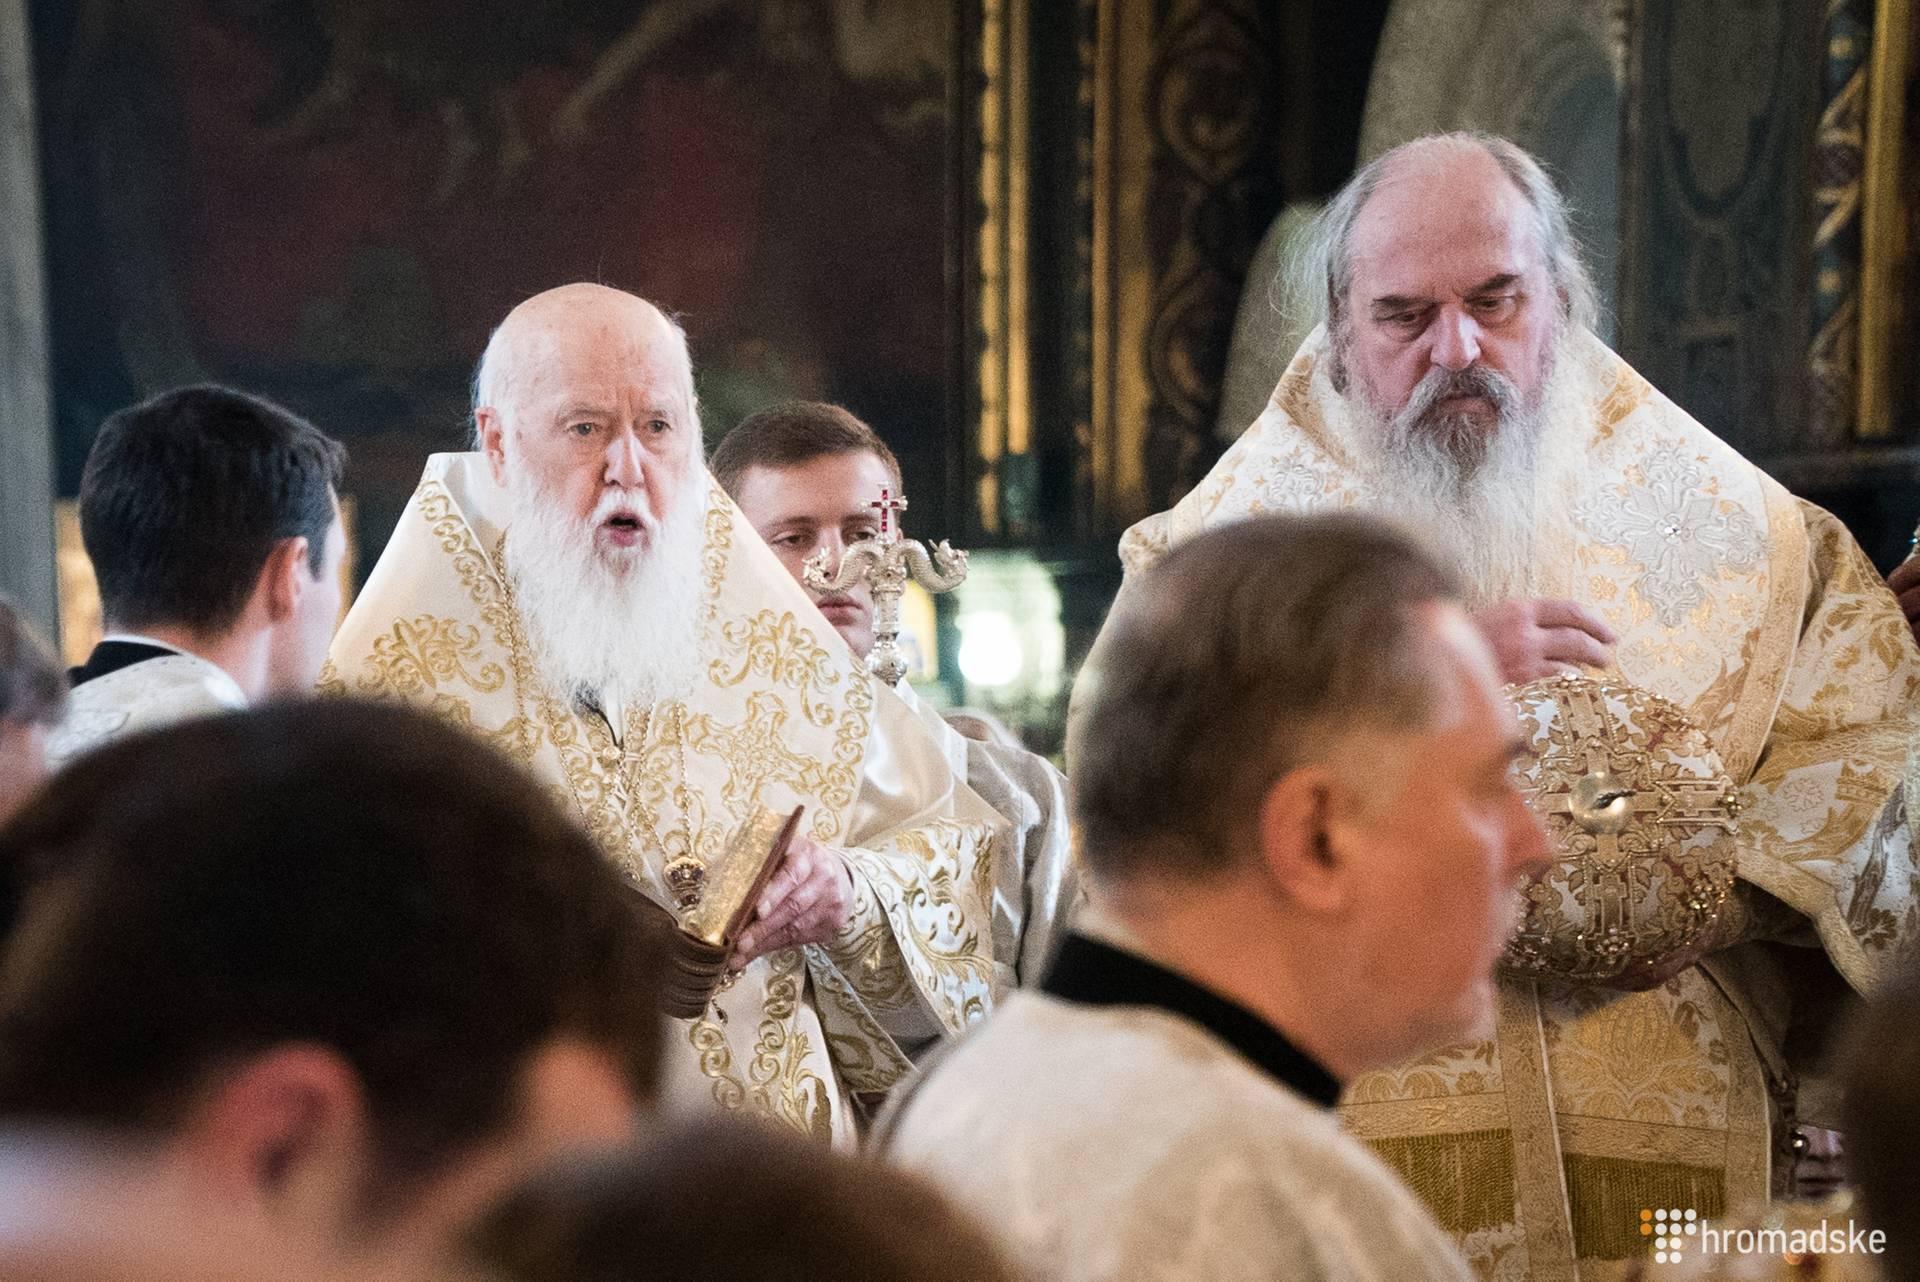 Колишній голова УПЦ КП Філарет (ліворуч) відслужив літургію у Володимирському соборі у день свого народження, Київ, 23 січня 2019 року. Філарету виповнилось 90 років